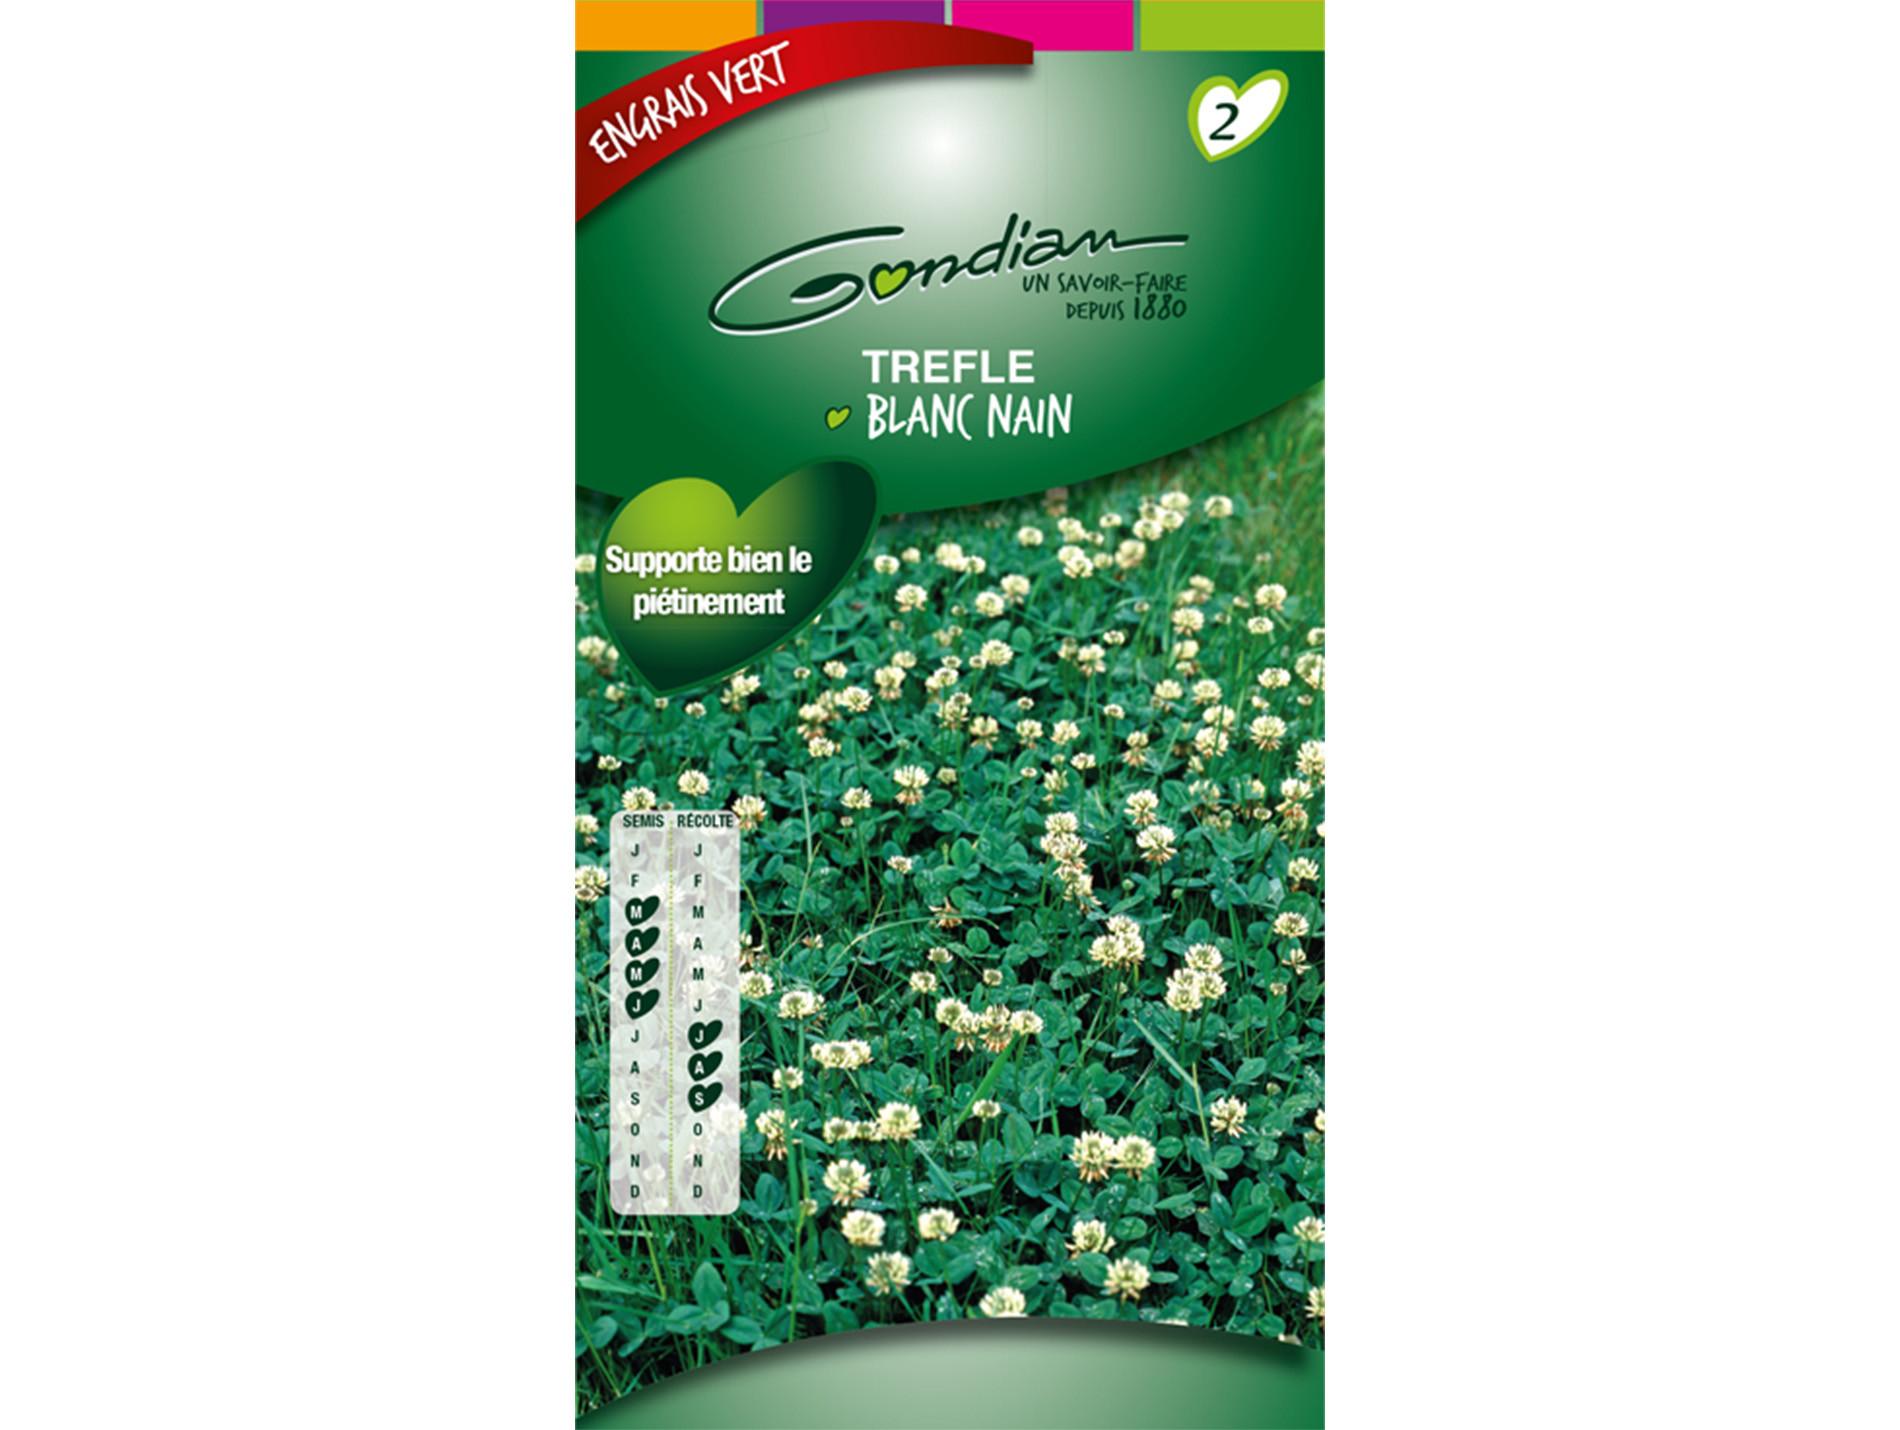 Semences engrais vert Trèfle blanc nain 60g